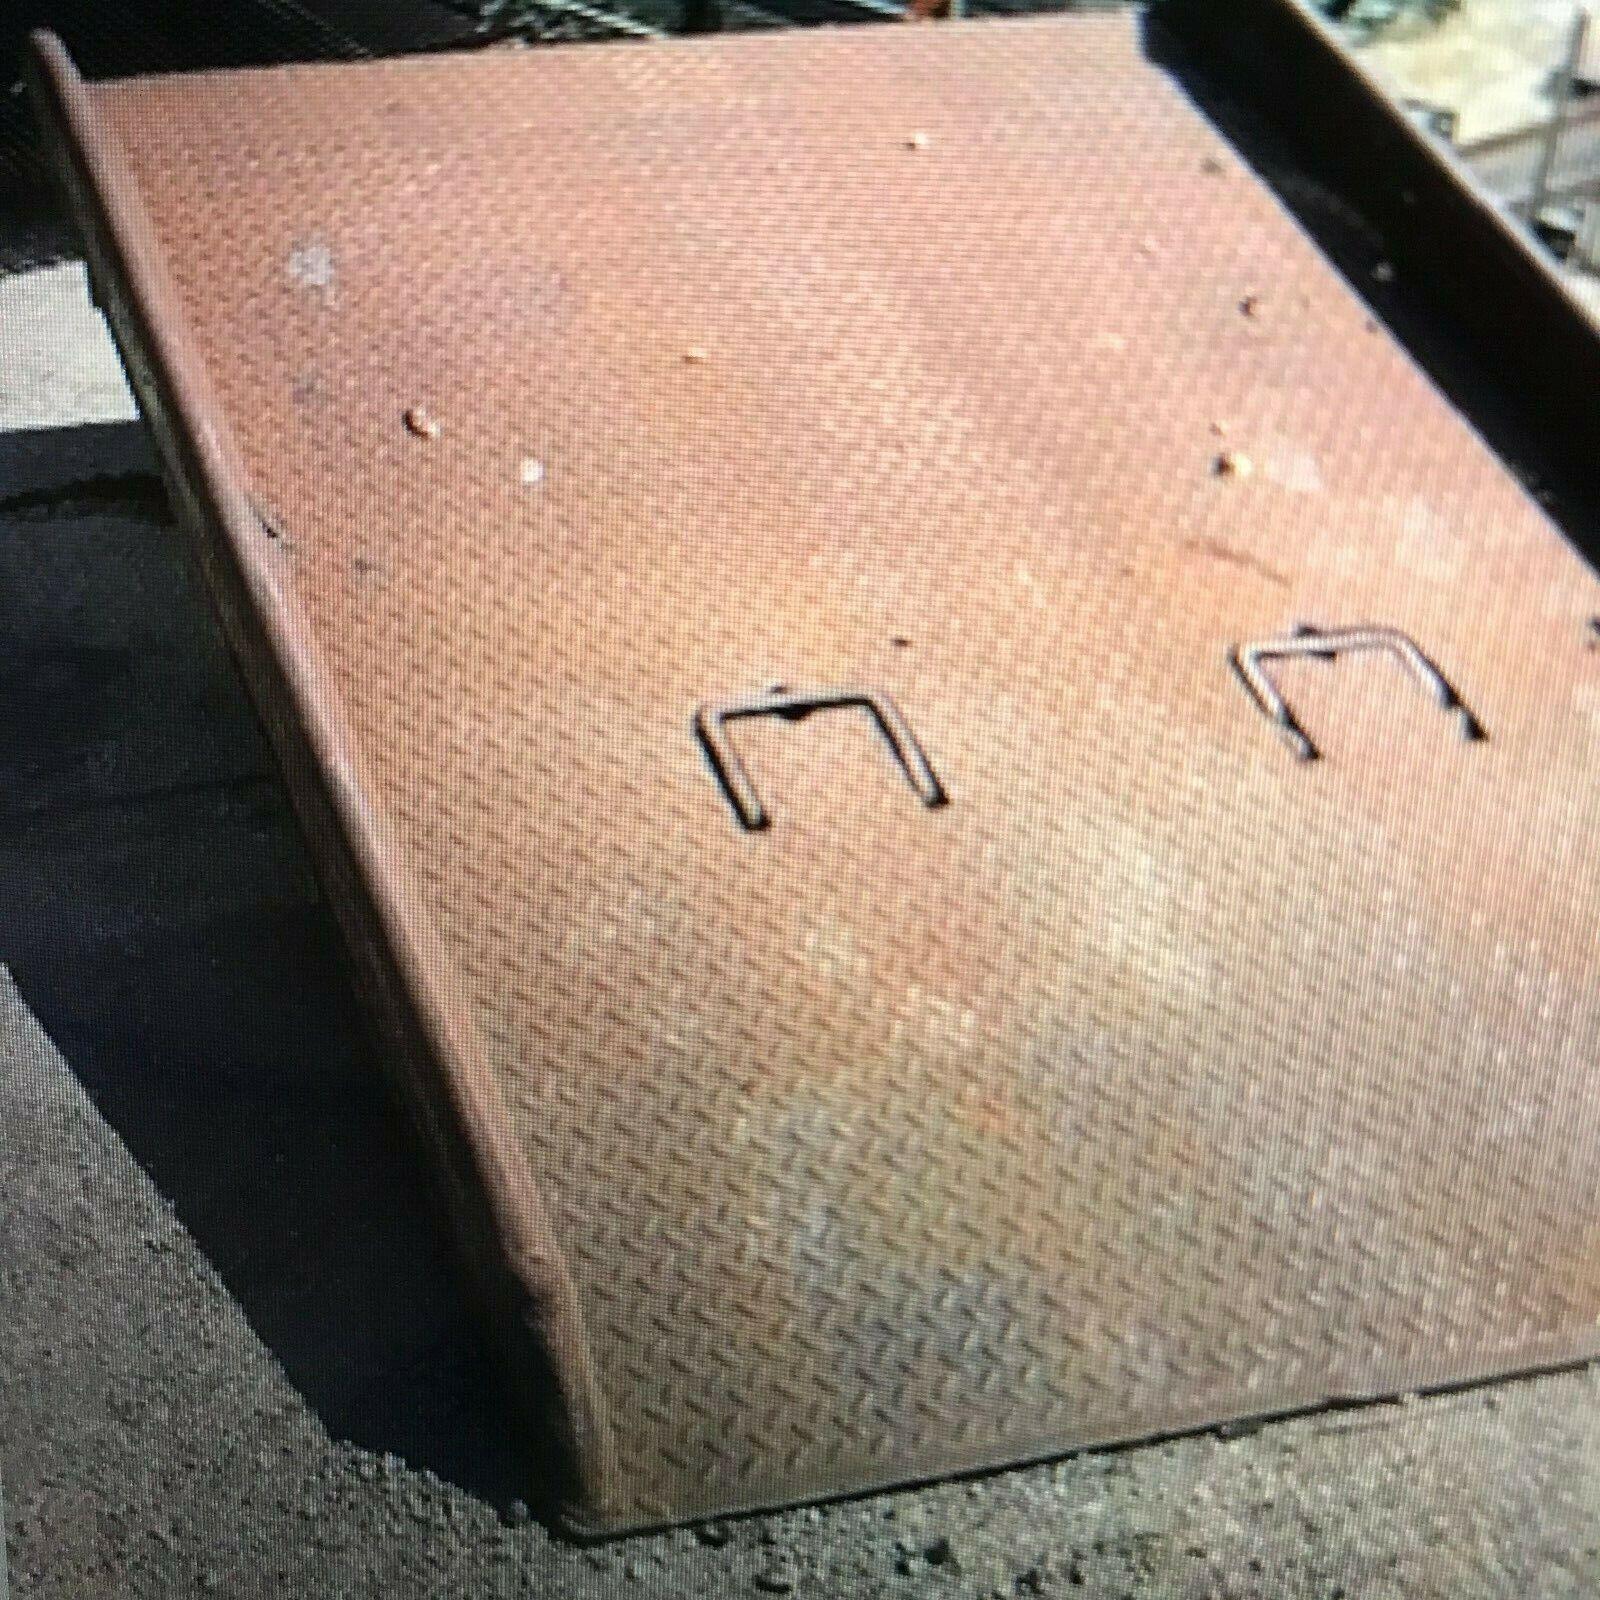 60X72-15,000 Bluff Red Pin Dockboard